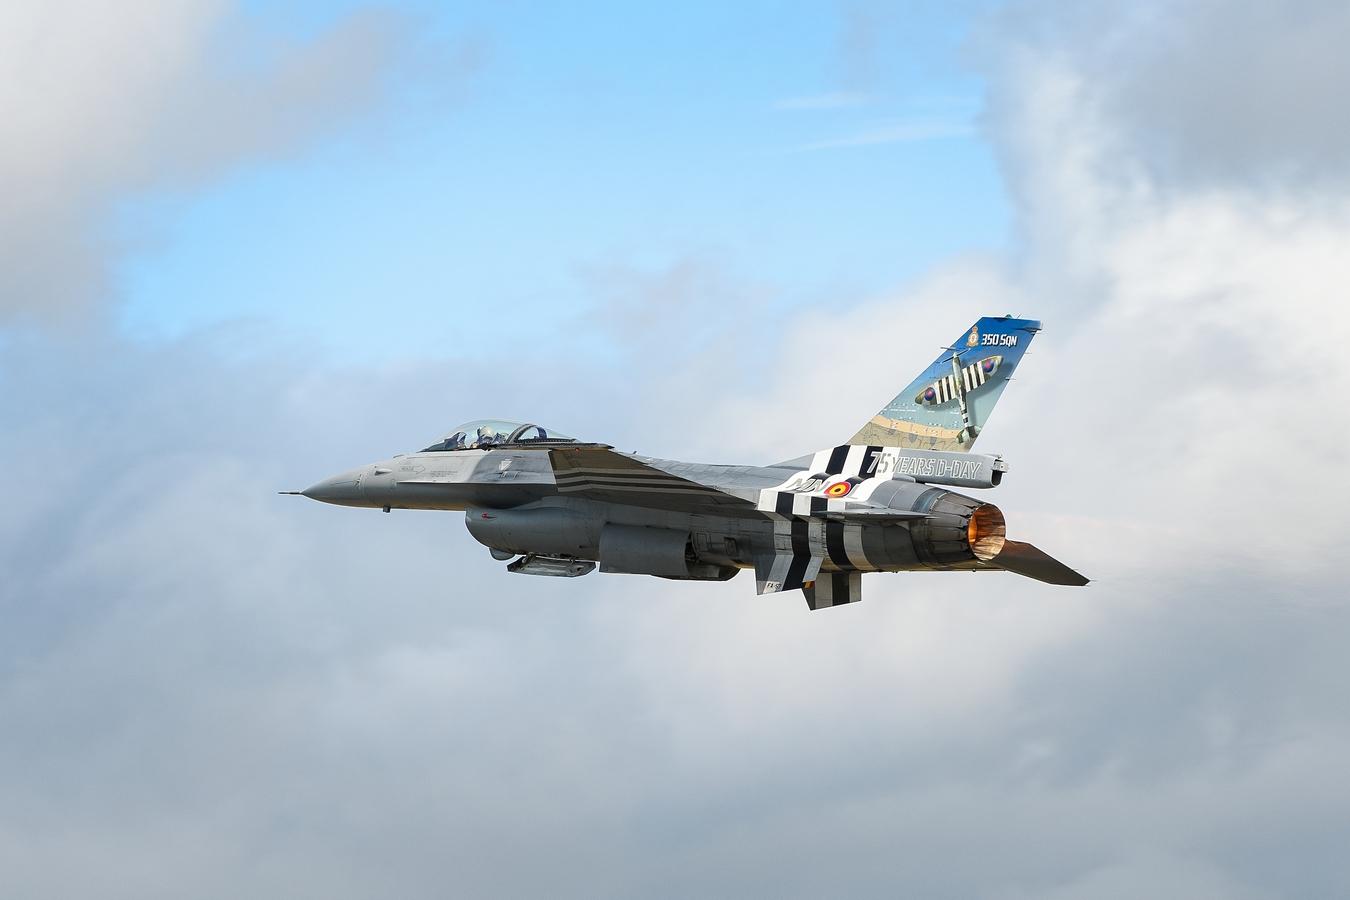 F-16 v invzaních pruzích